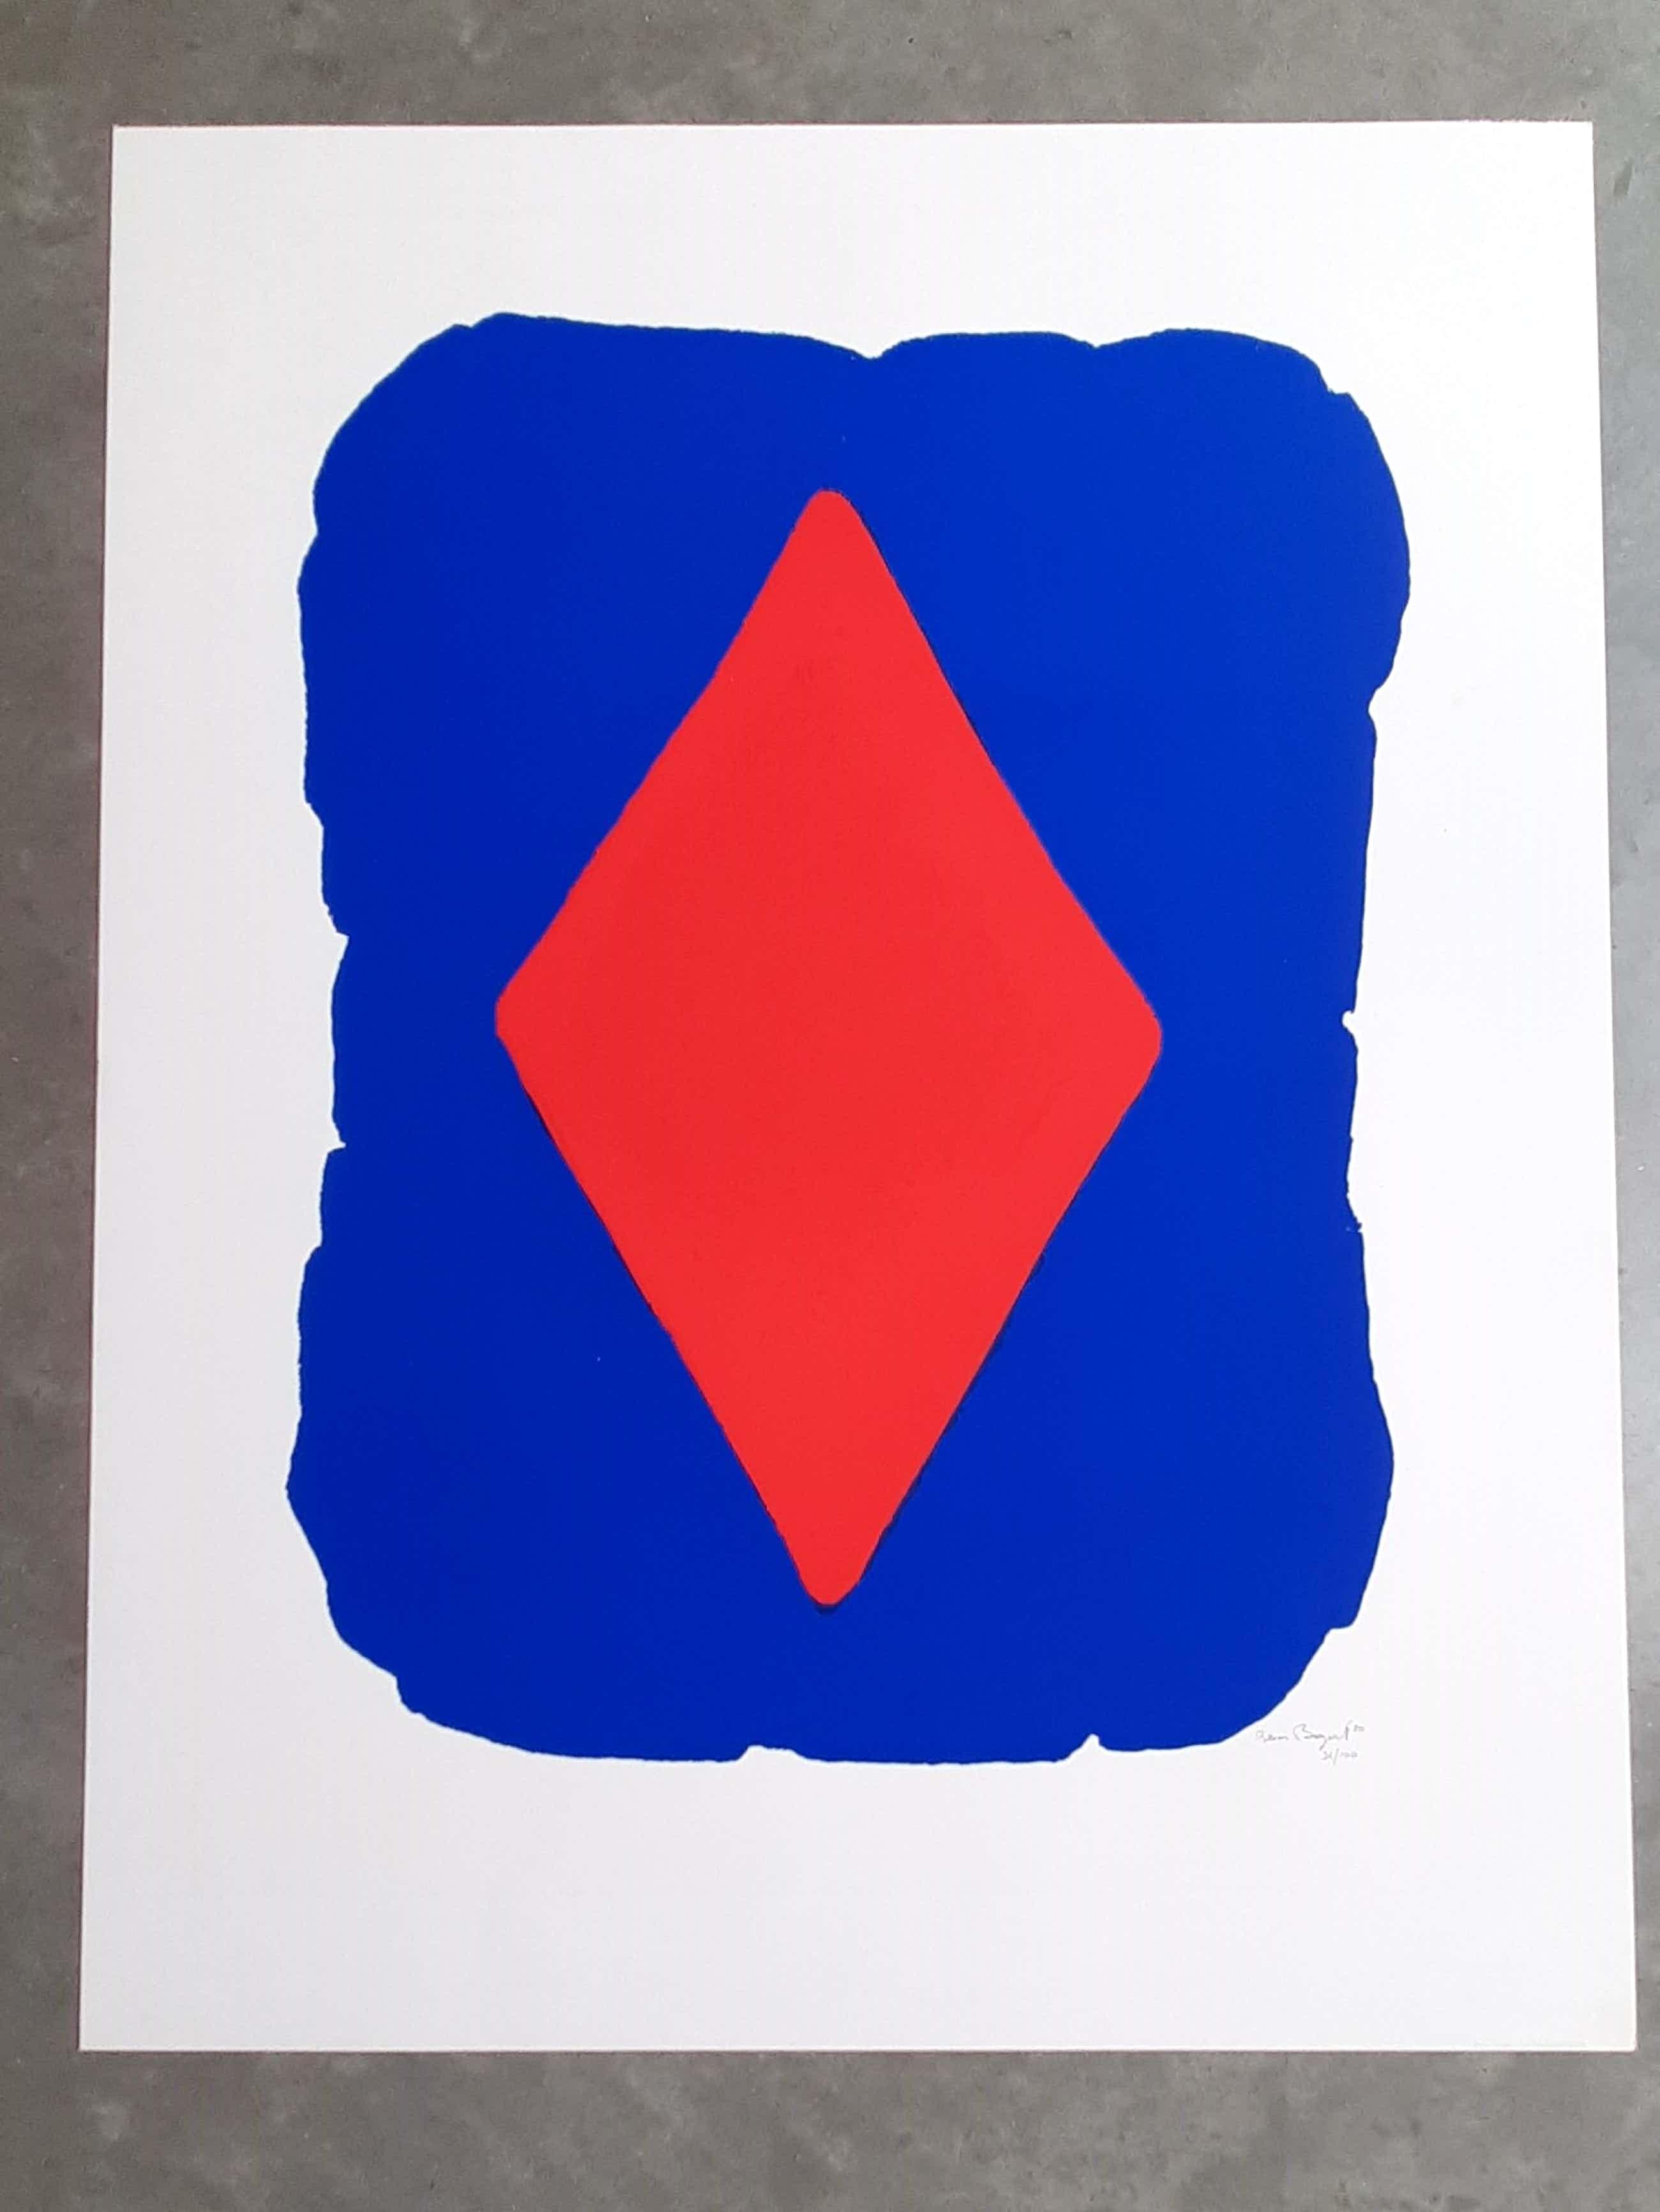 Bram Bogart - abstracte compositie - grote zeefdruk - 1980 - oplage 100 kopen? Bied vanaf 520!